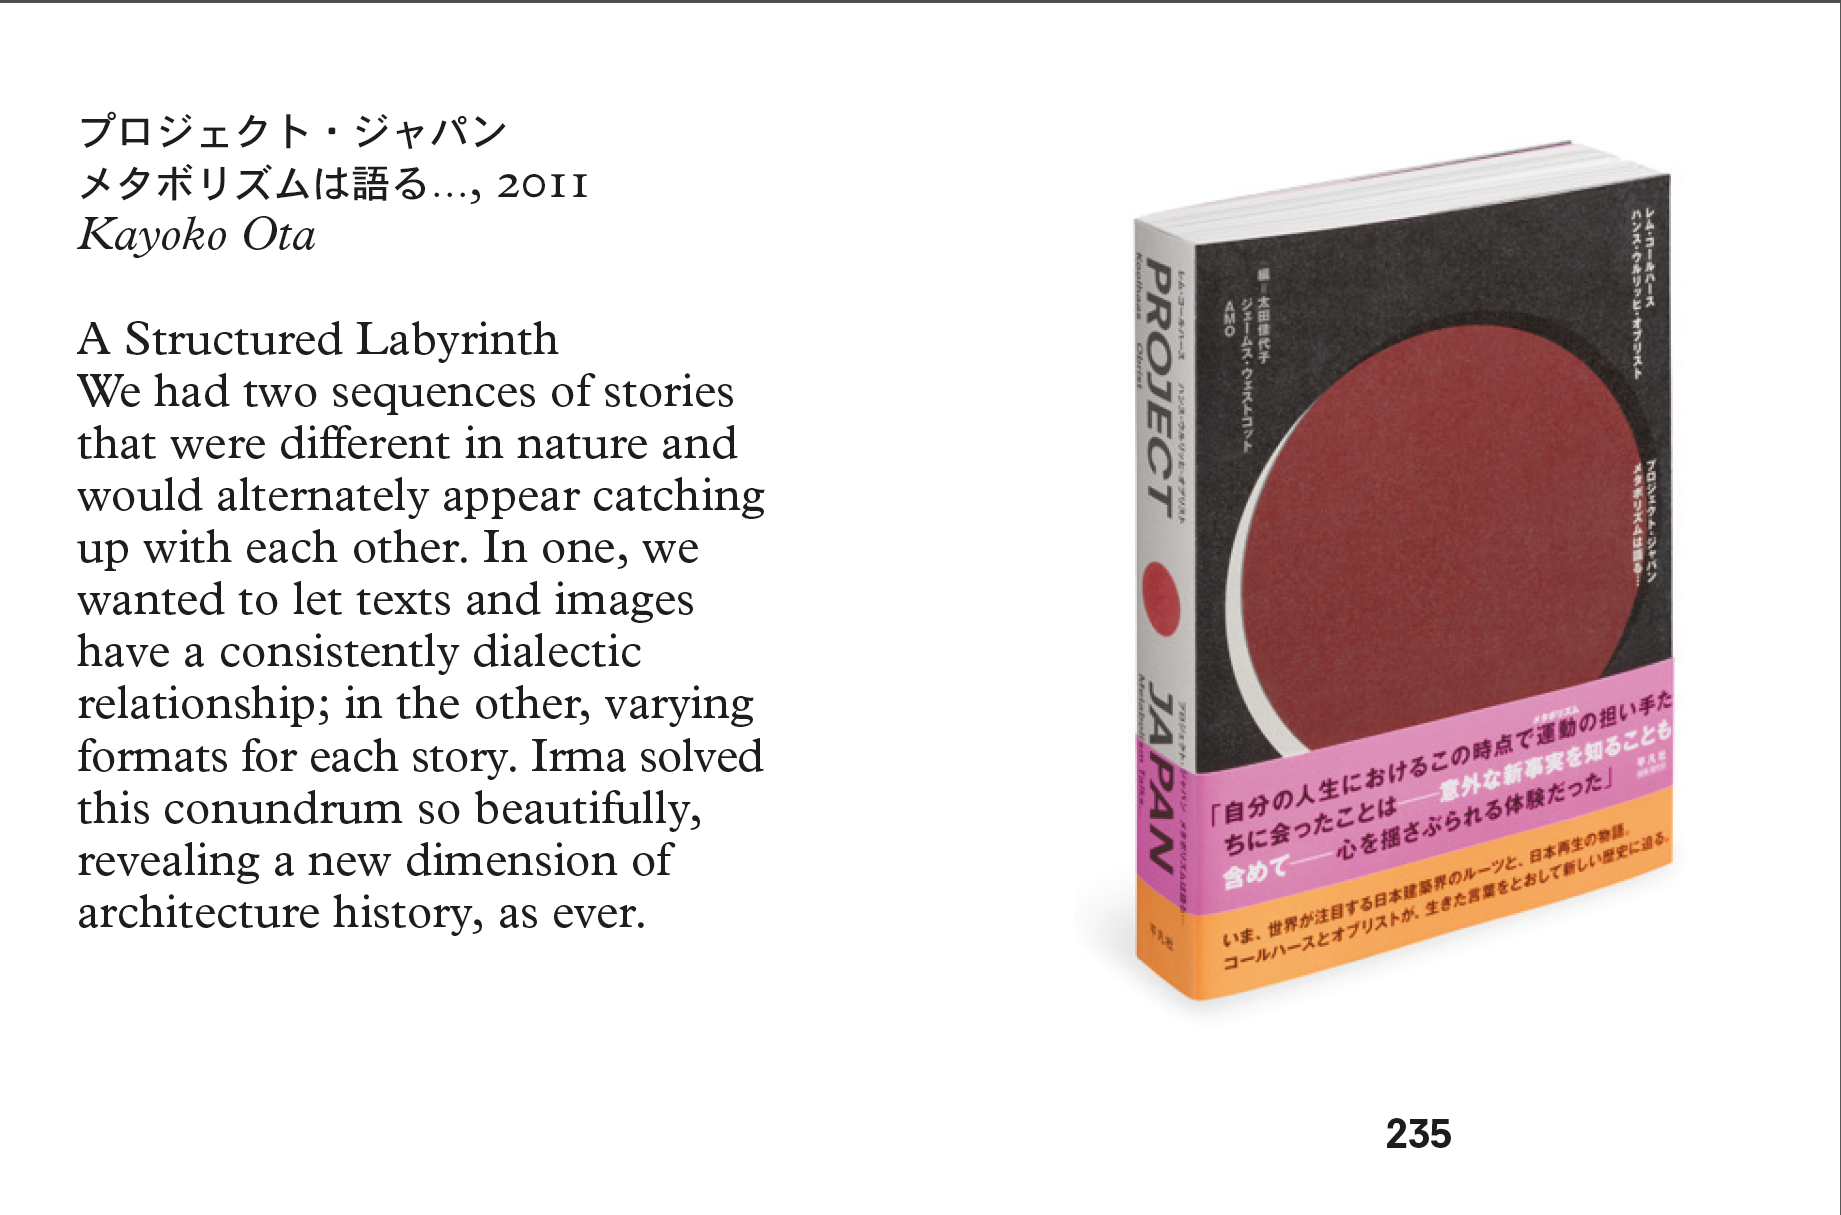 『プロジェクト・ジャパン』(2011年)日本語版